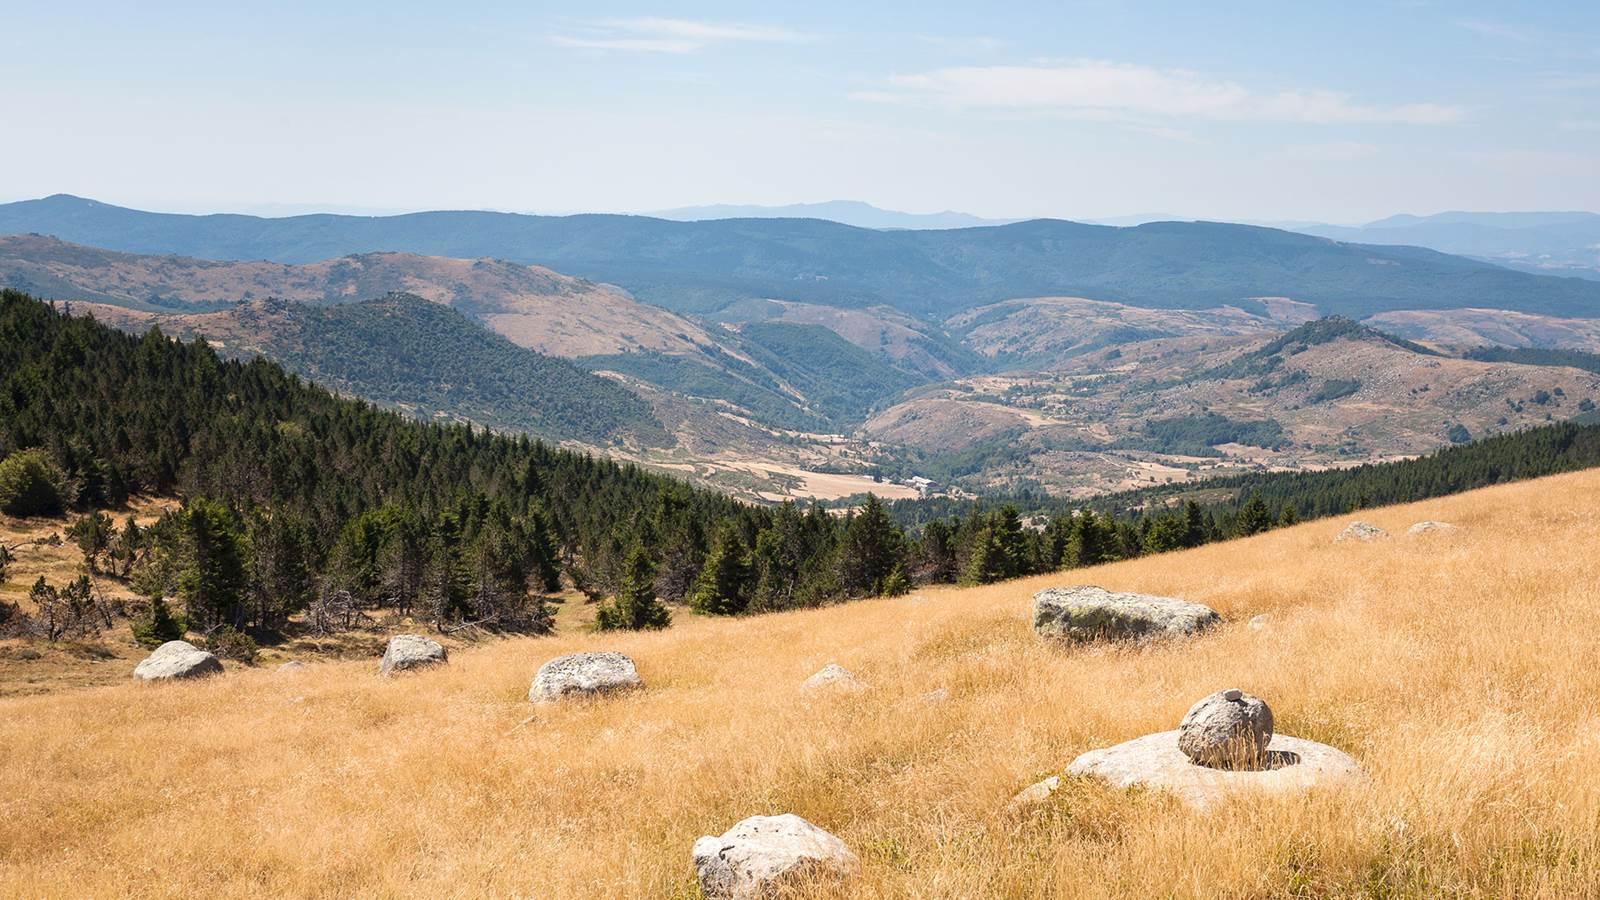 Le mont Lozère, point culminant des Cévennes